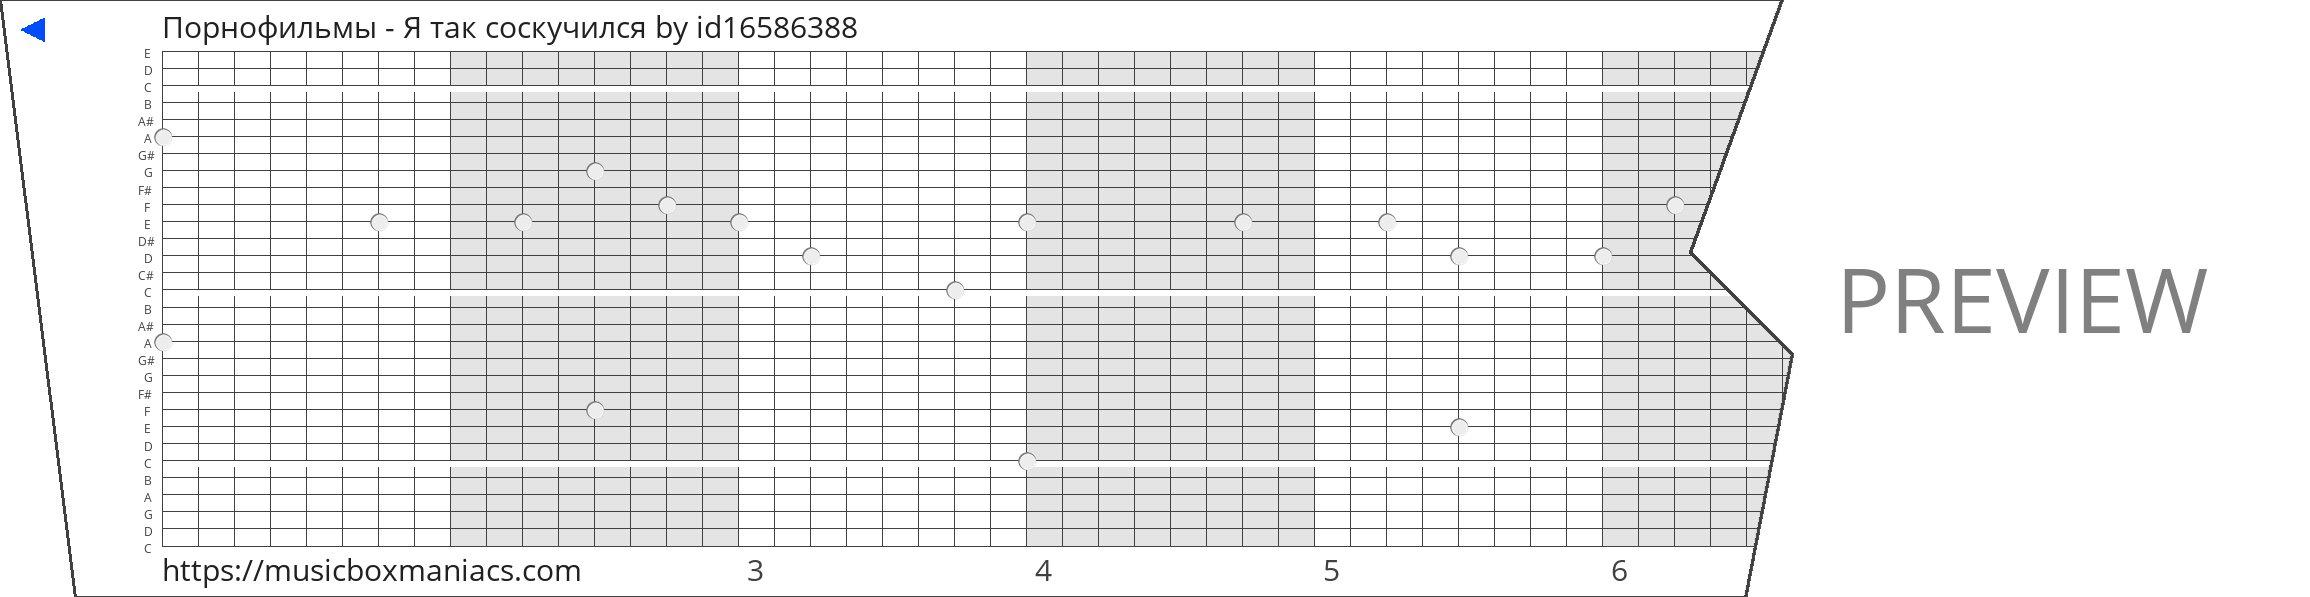 Порнофильмы - Я так соскучился 30 note music box paper strip